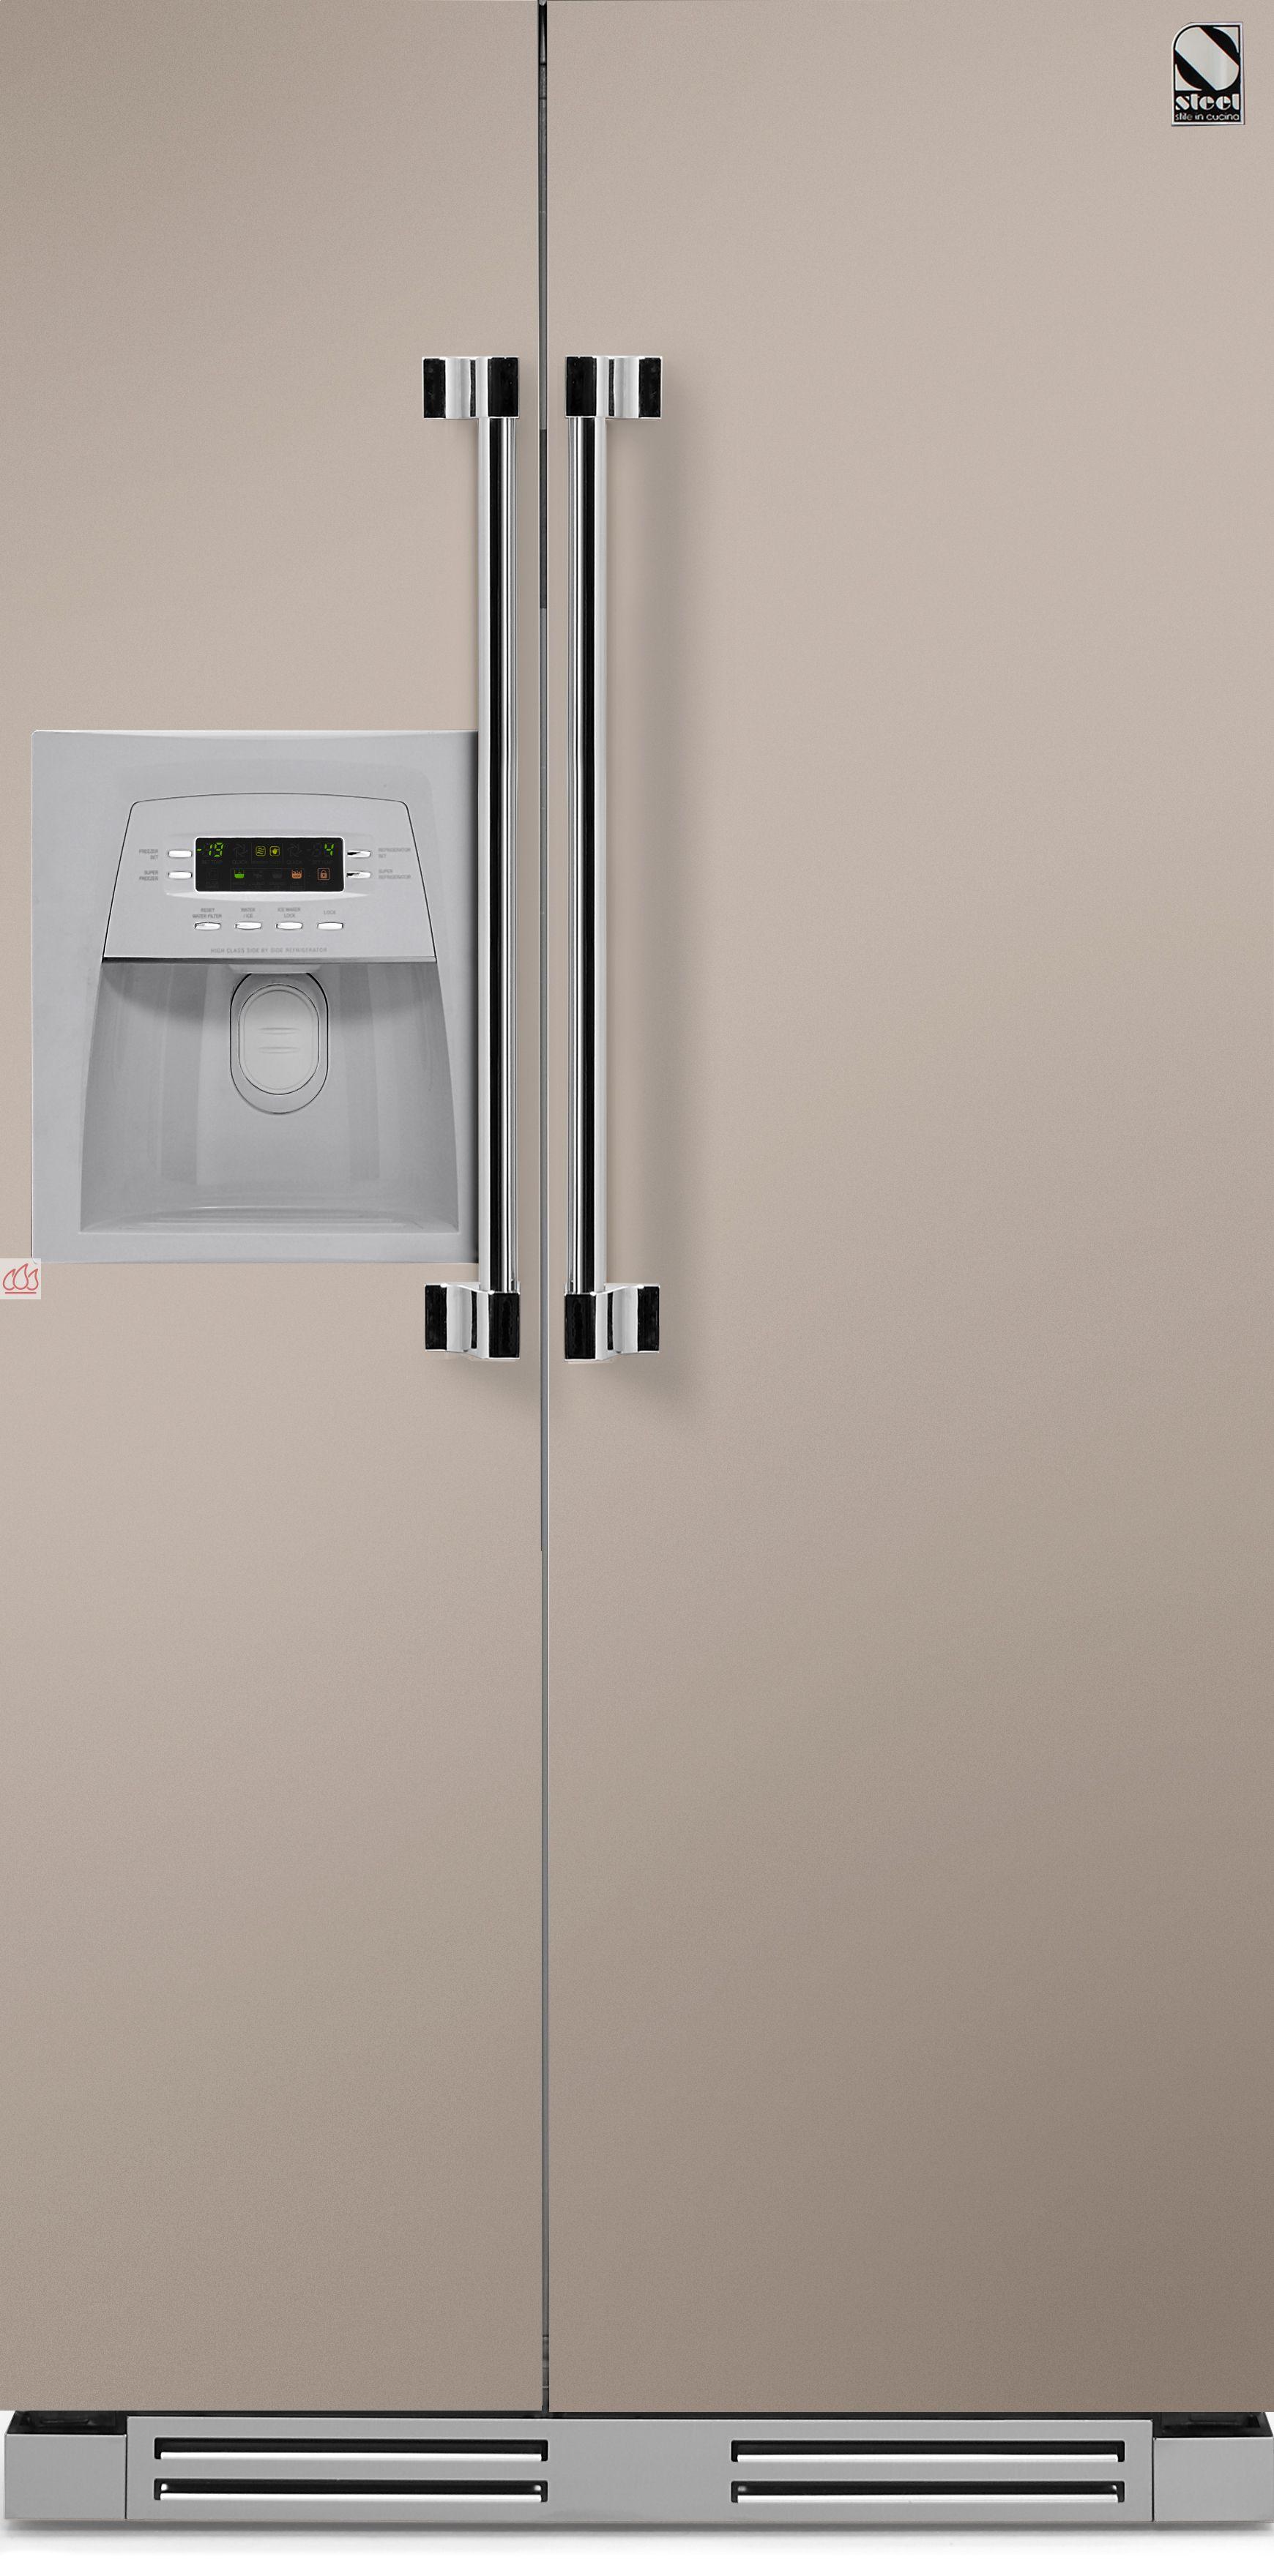 r frig rateur am ricain de 603l encastrable steel cucine ec ste1104 mon espace cuisson. Black Bedroom Furniture Sets. Home Design Ideas